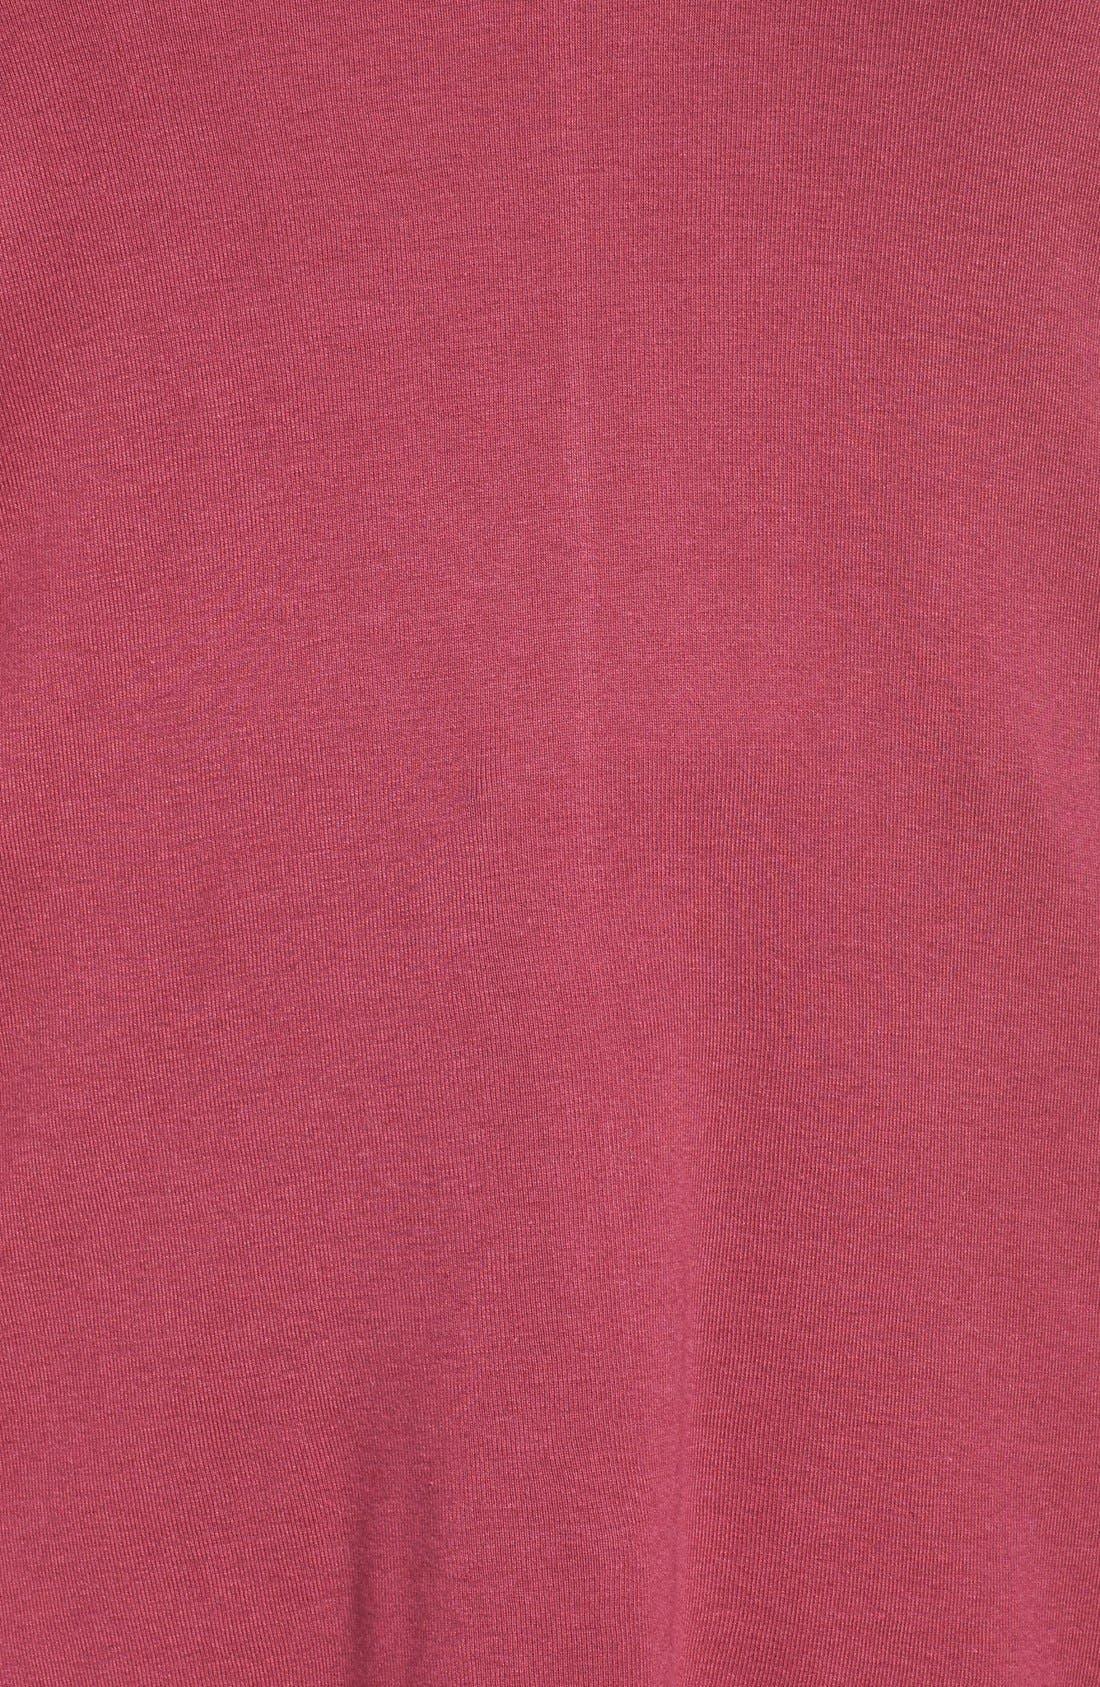 Short Sleeve V-Neck Tee,                             Alternate thumbnail 173, color,